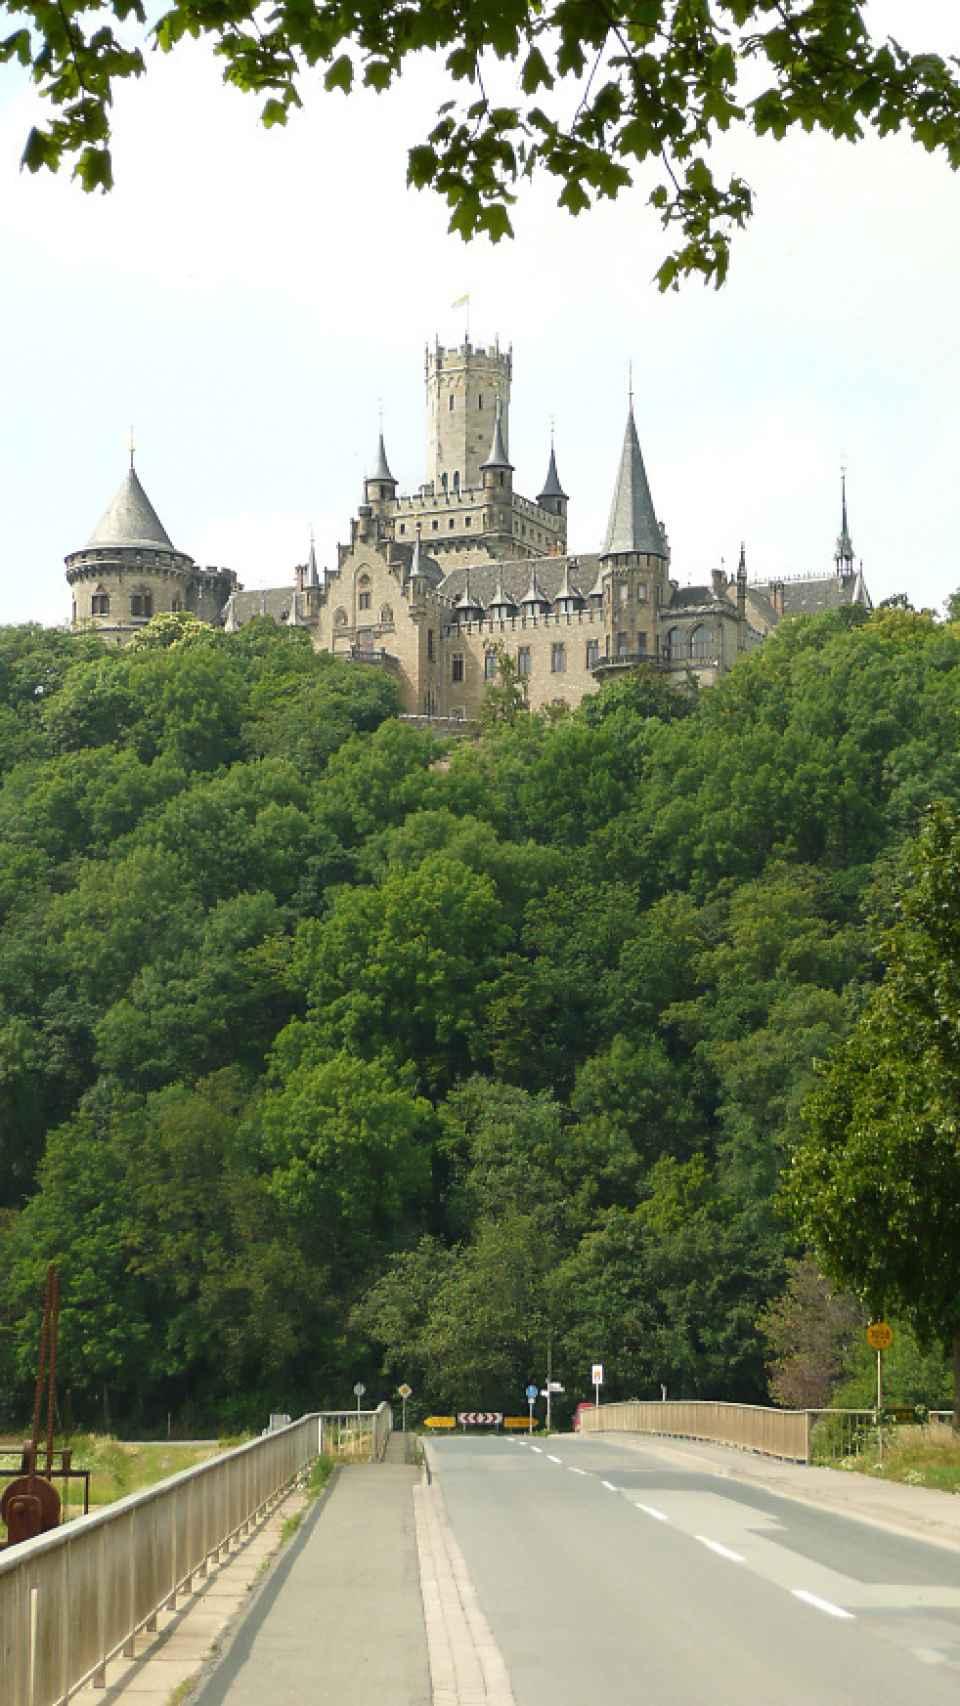 El castillo desde la lejanía.